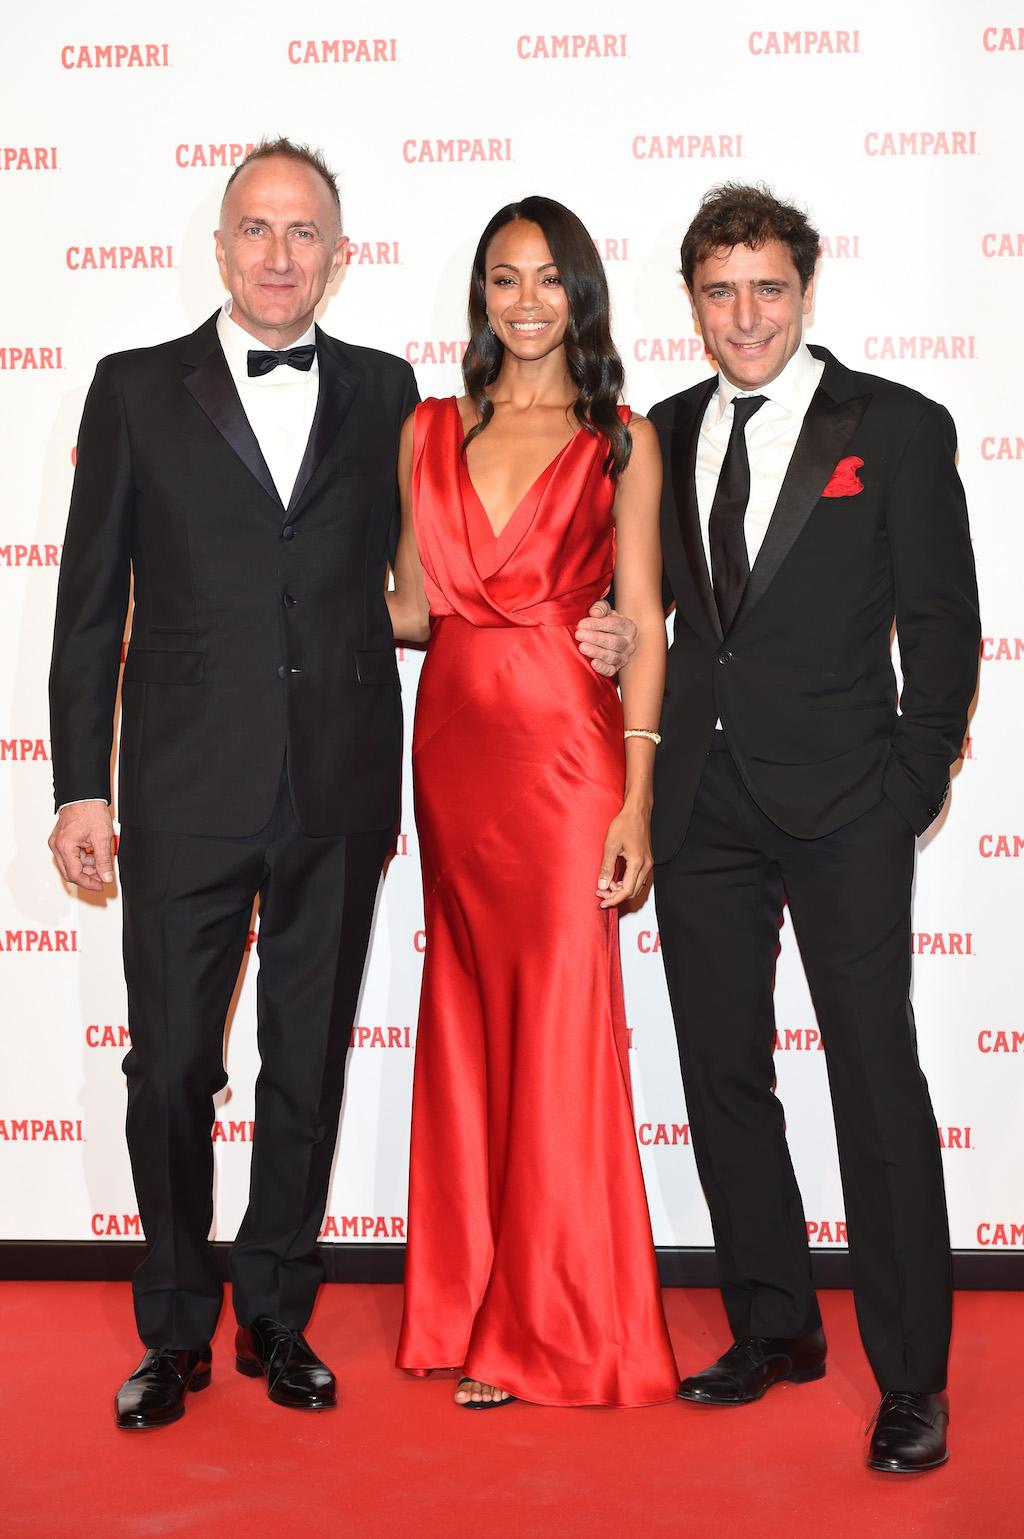 Στο κόκκινο χαλί η Zoe Saldana με το συμπρωταγωνιστή της Adriano Giannini (δεξιά) και το σκηνοθέτη, Stefano Sollima  (Photo by Stefania M. D'Alessandro/Getty Images for Campari)